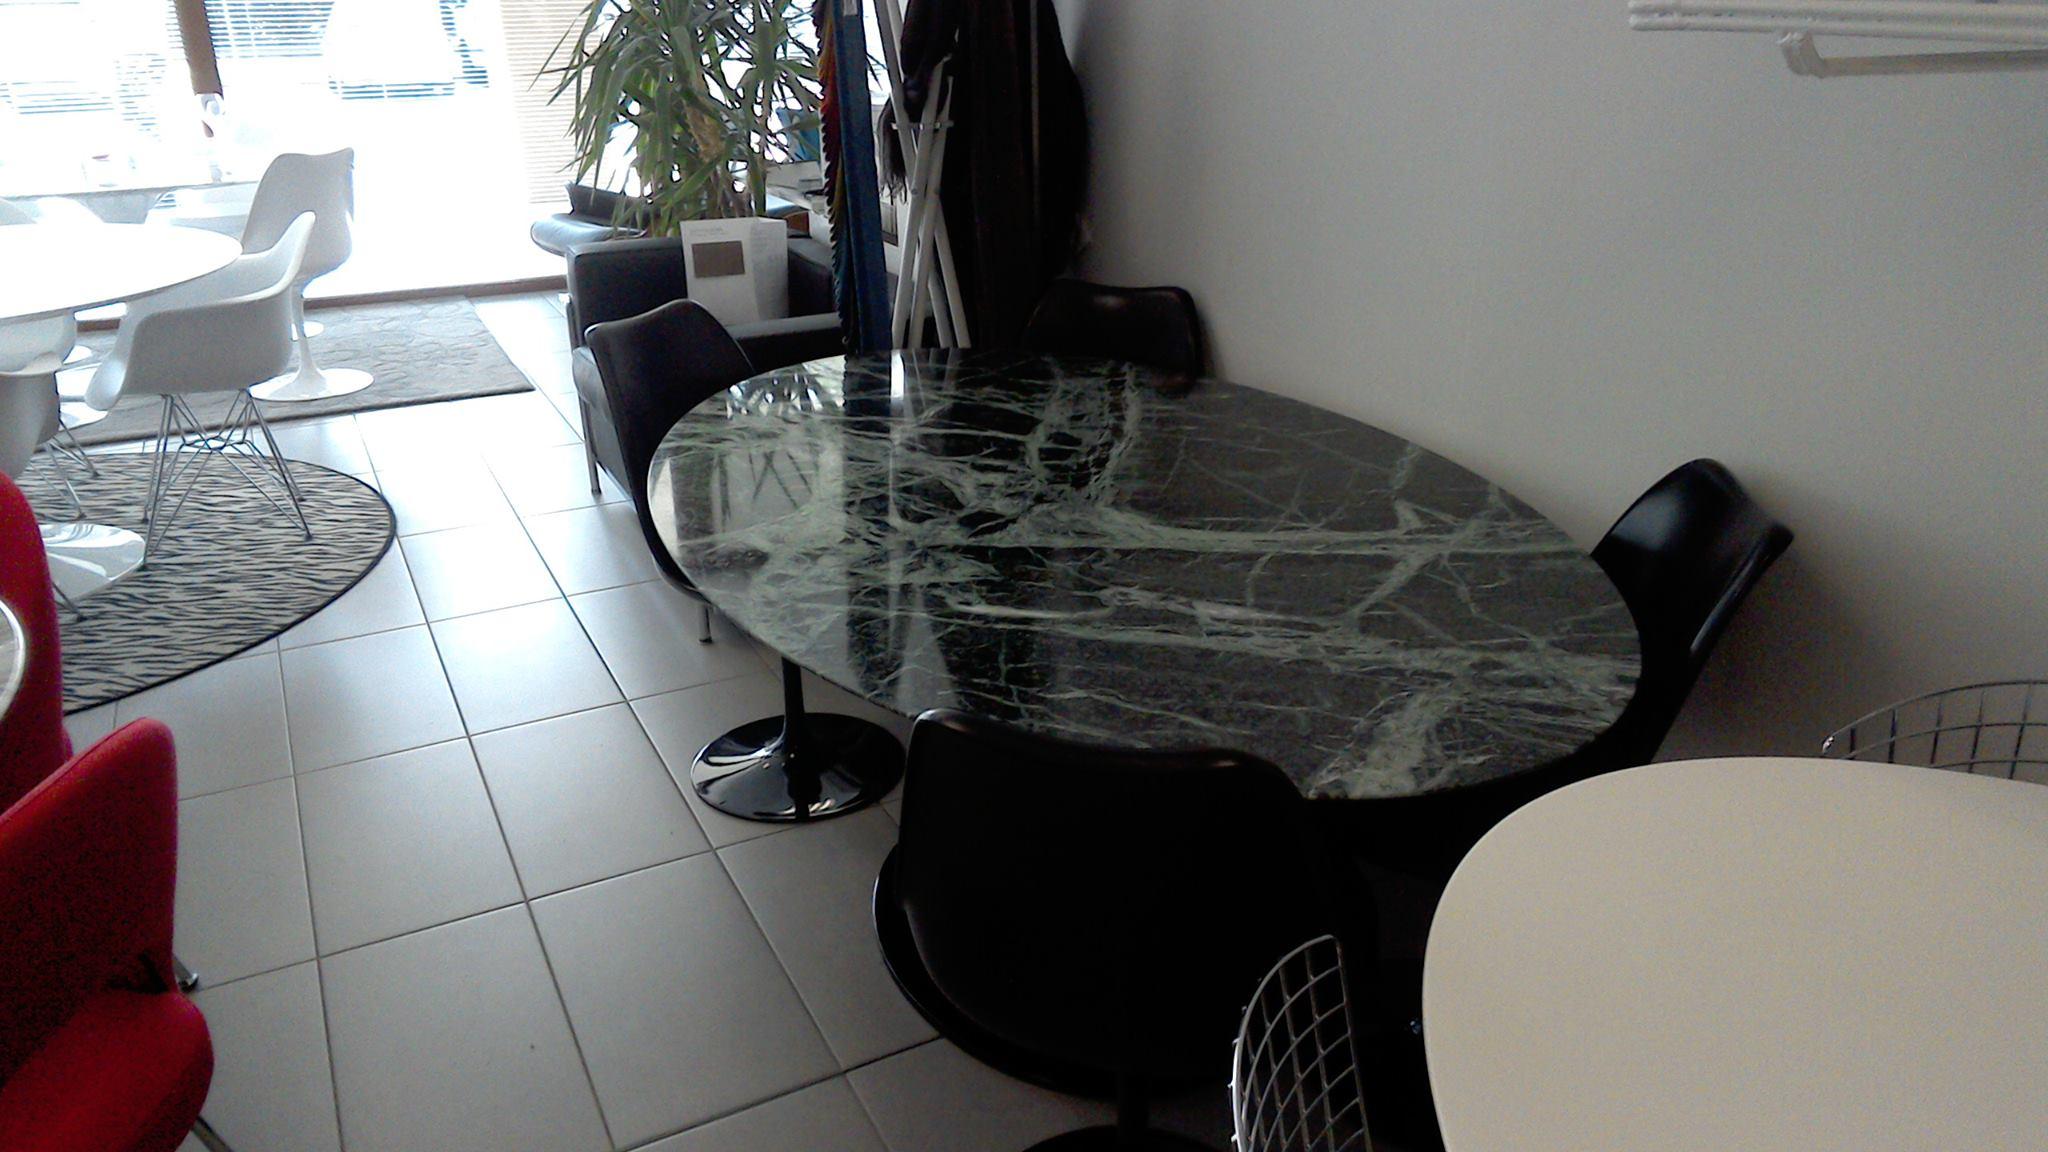 Repliche Mobili Bauhaus.Repliche Fedeli Dei Mobili Bauhaus Dove Acquistarle